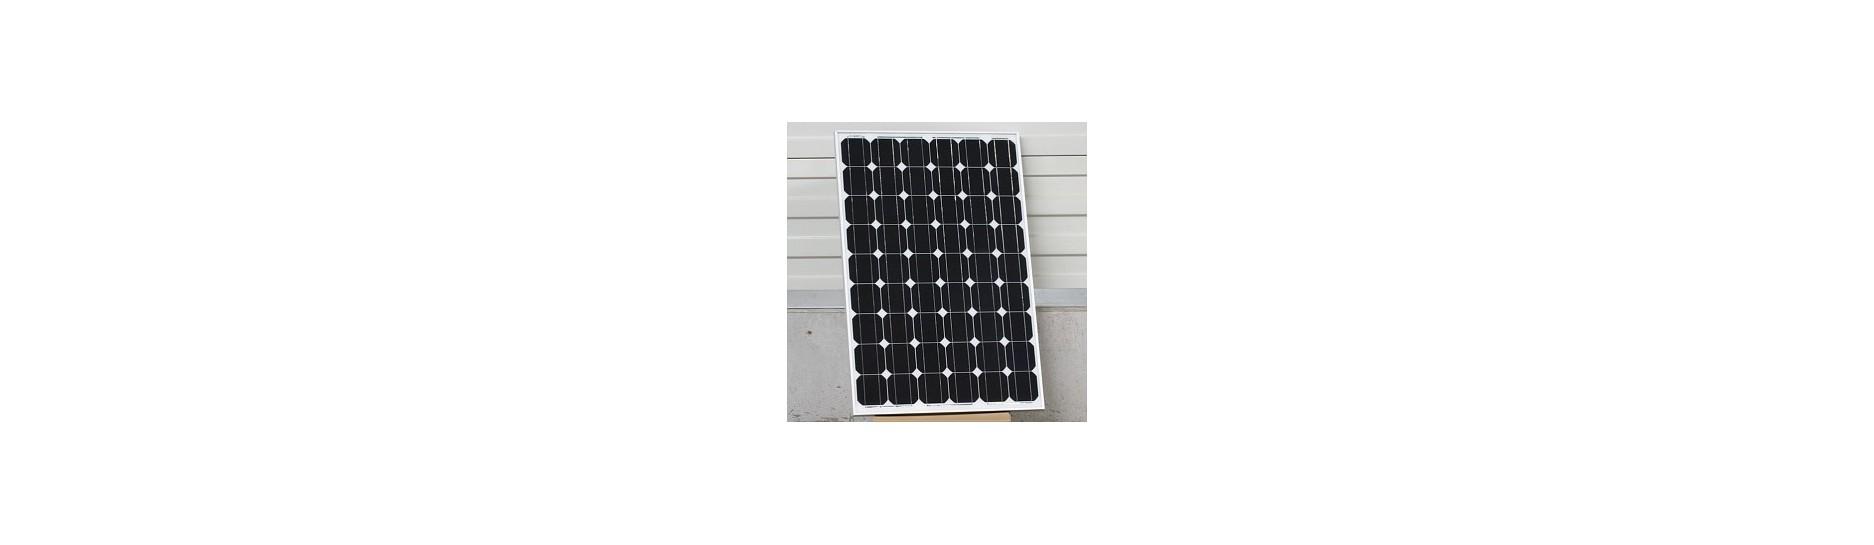 Monokrystalické solární panely